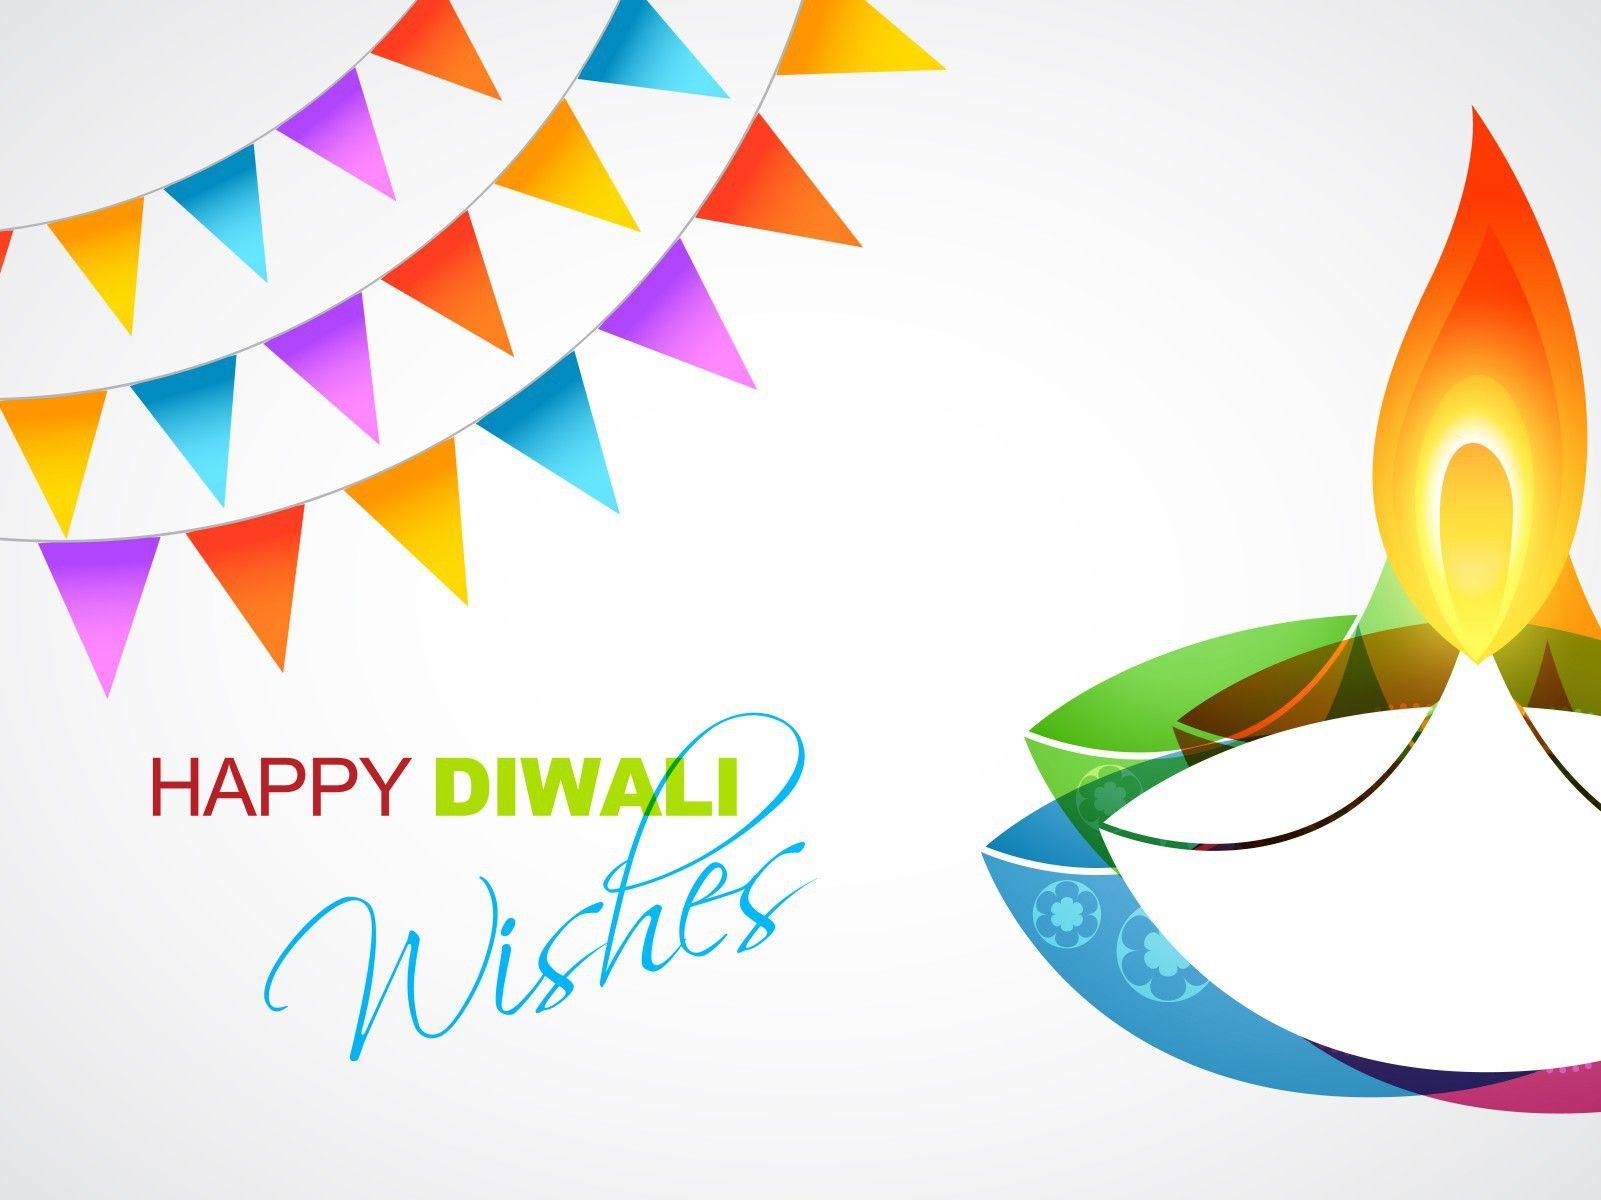 2017 clipart diwali. Happy wishes diya hd